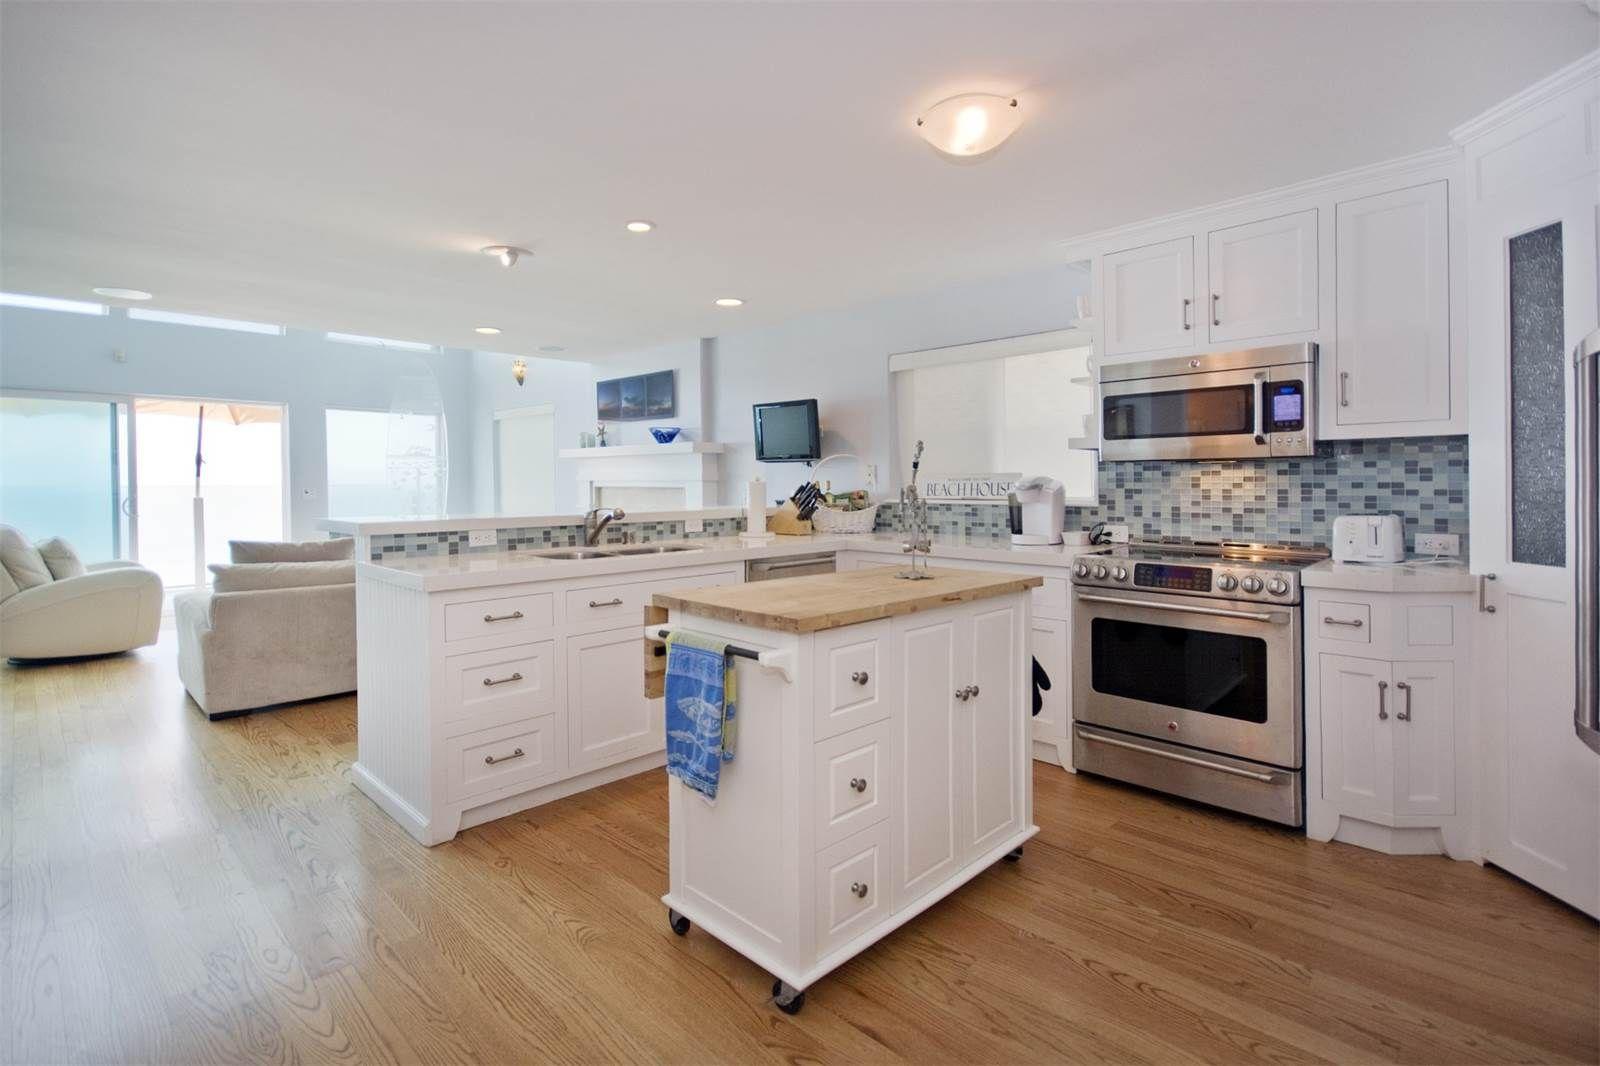 42540 Pacific Coast Highway Malibu, Califórnia, Estados Unidos – Luxury Home For Sale